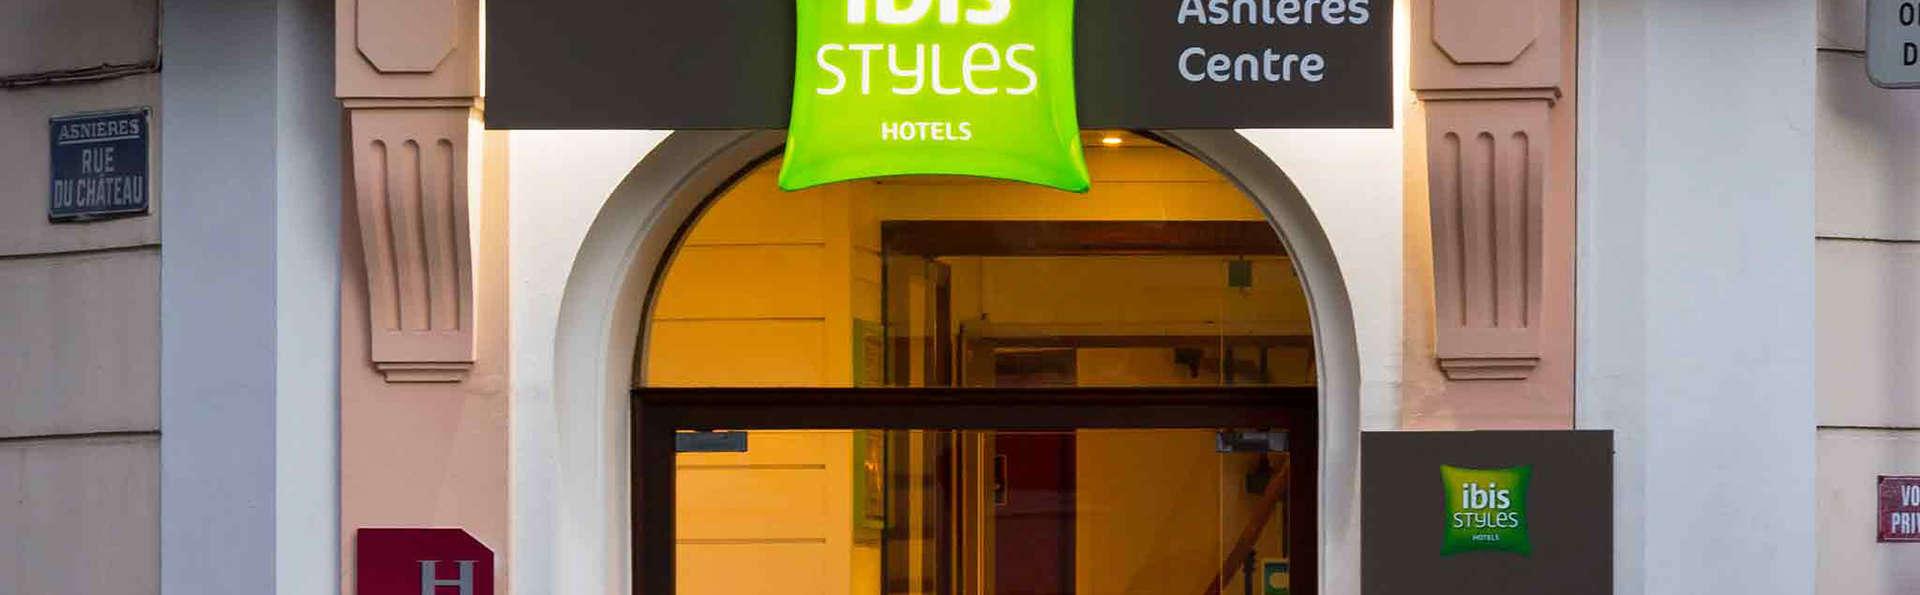 Hôtel ibis Styles Asnières Centre - Edit_Front.jpg